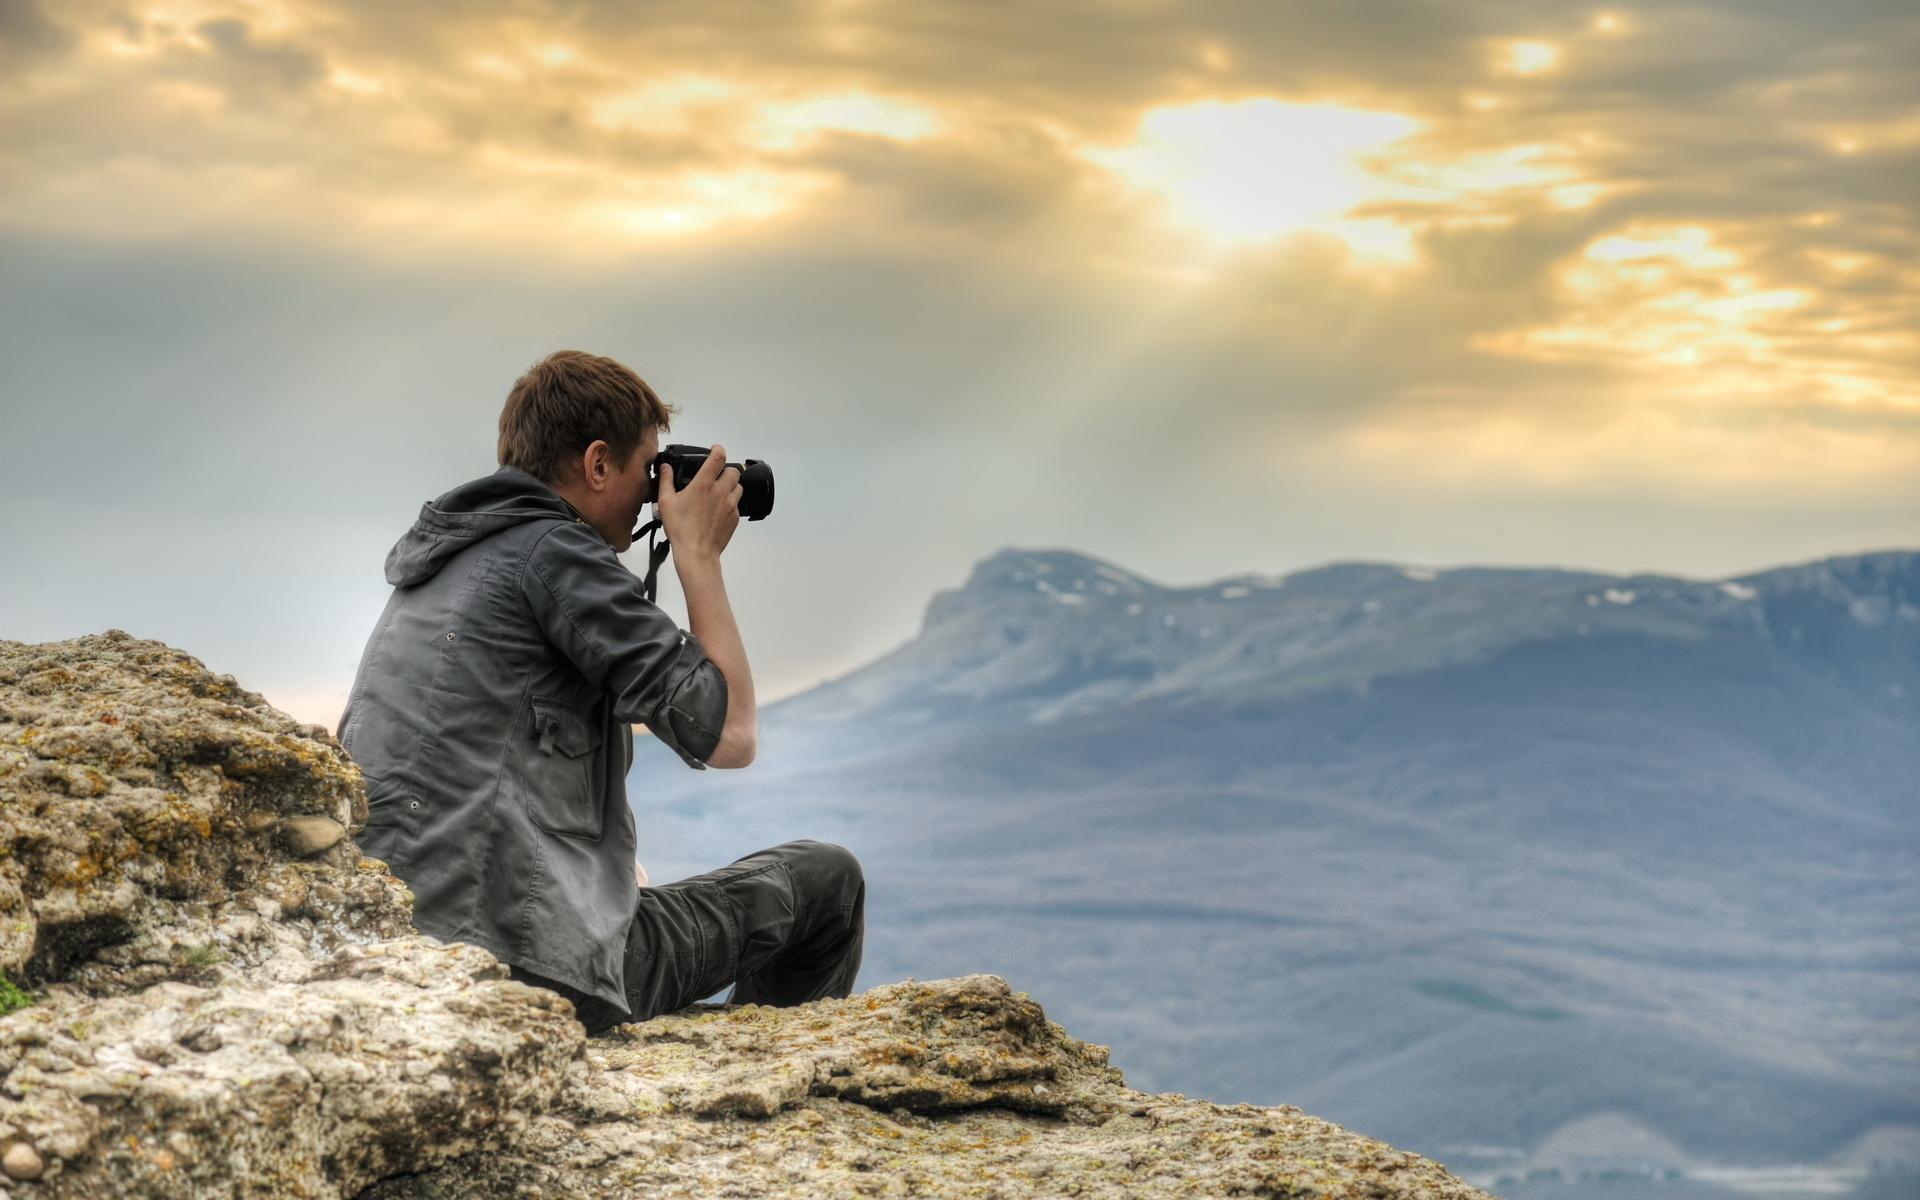 панорама поиск фона по фото фото